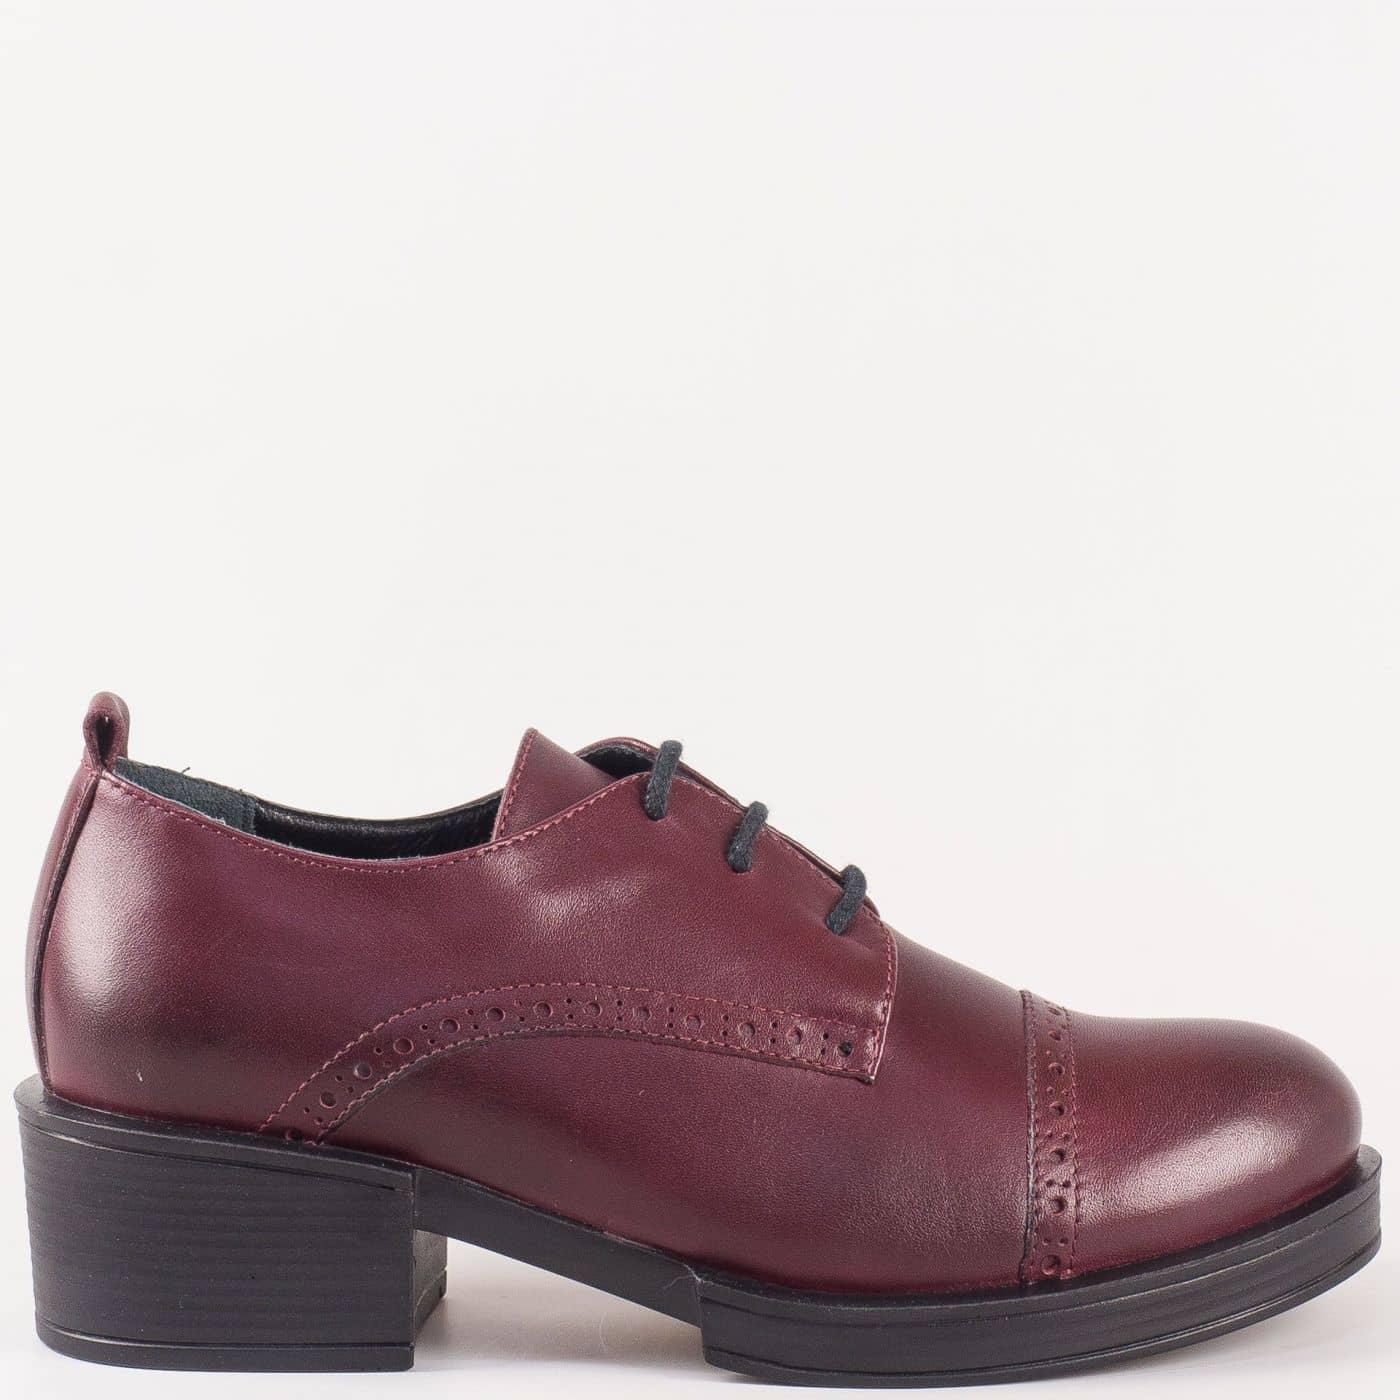 04c2b6e1d90 Дамски обувки на широк ток в цвят бордо 24501bd - Zebra 1992